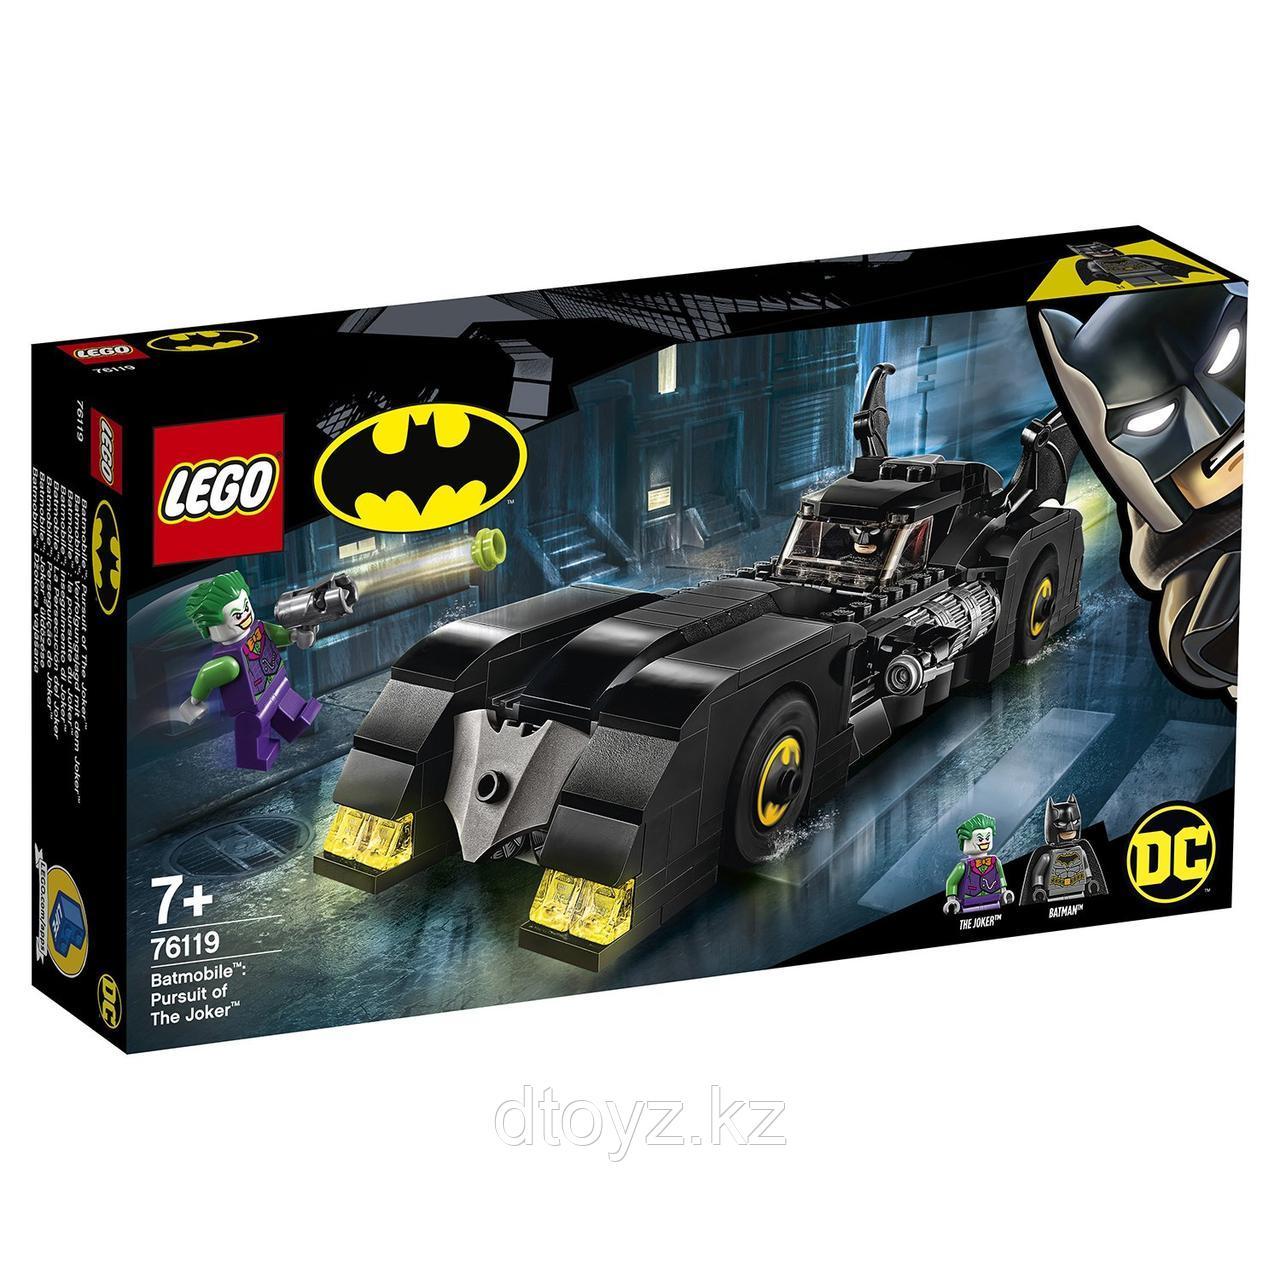 Lego DC Super Heroes 76119 Бэтмобиль Погоня за Джокером